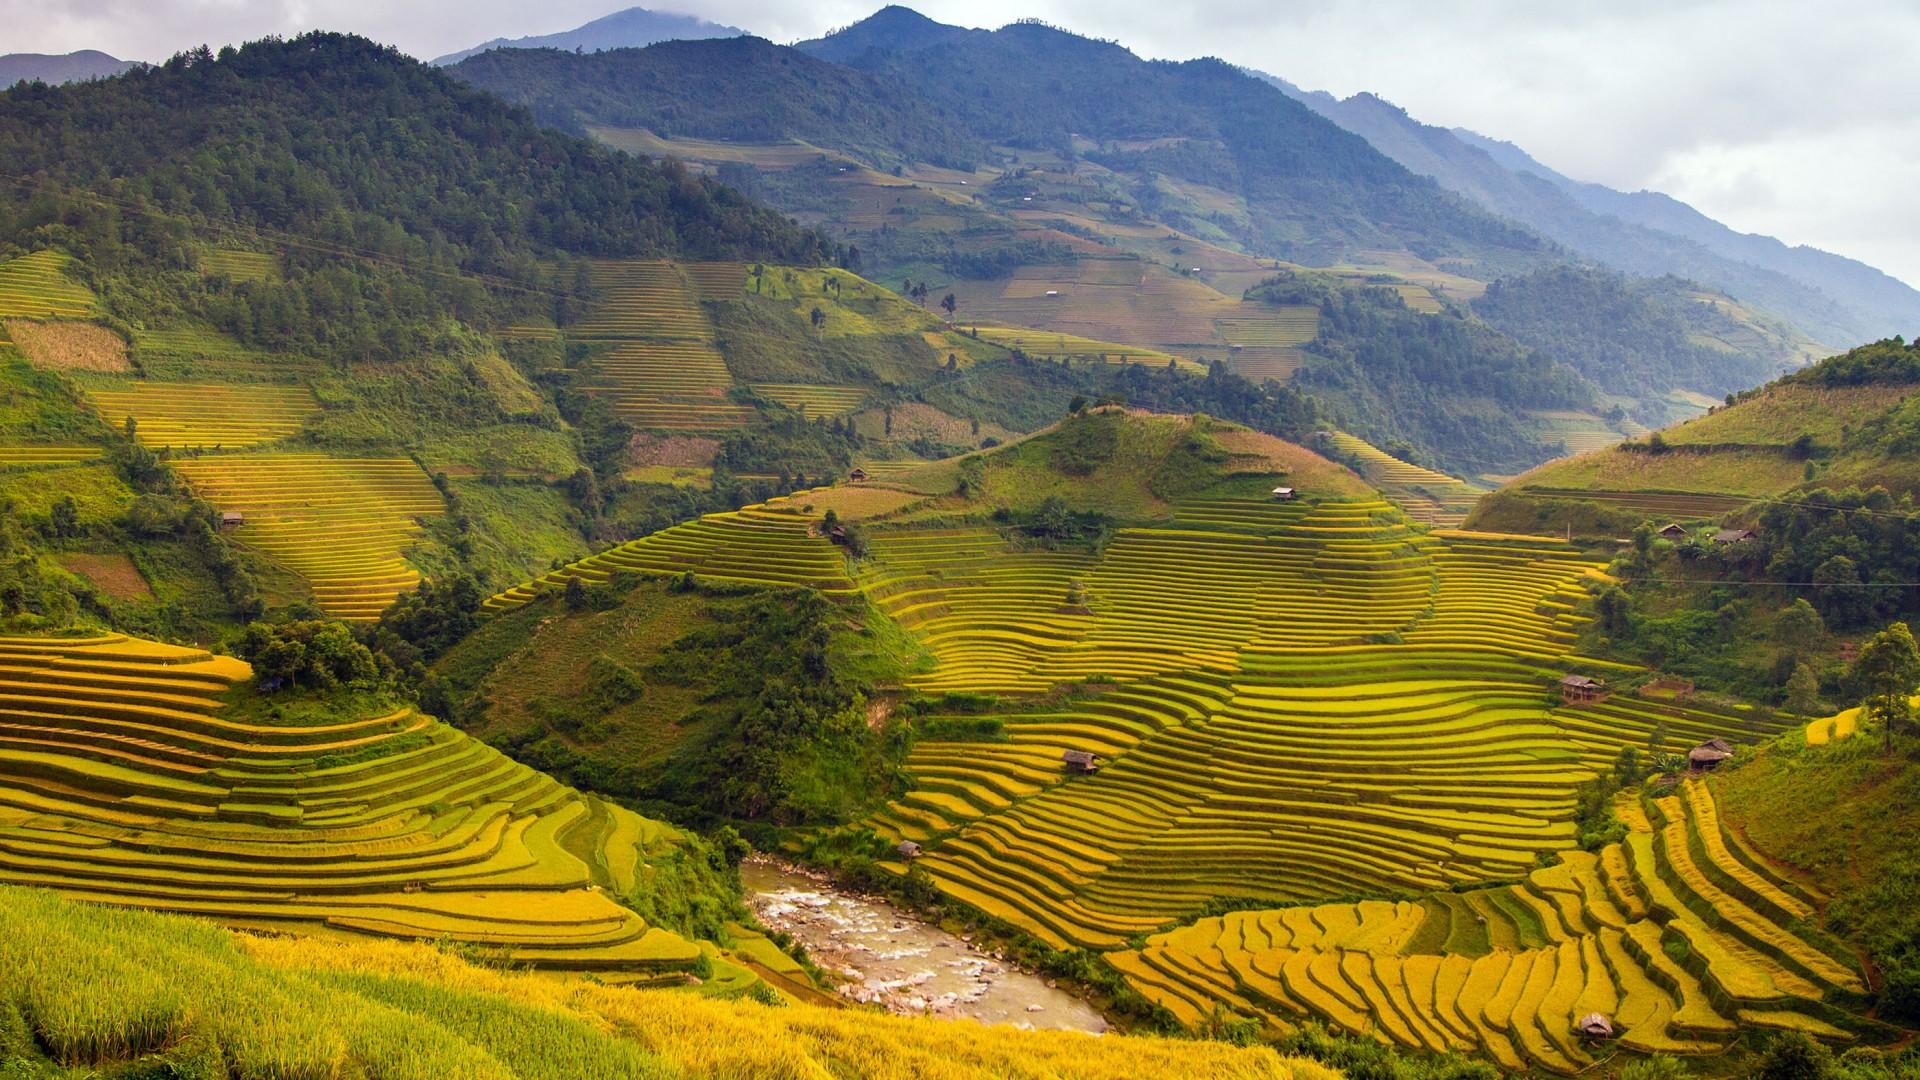 Beautiful Vietnam Wallpaper 1920x1080 1920x1080